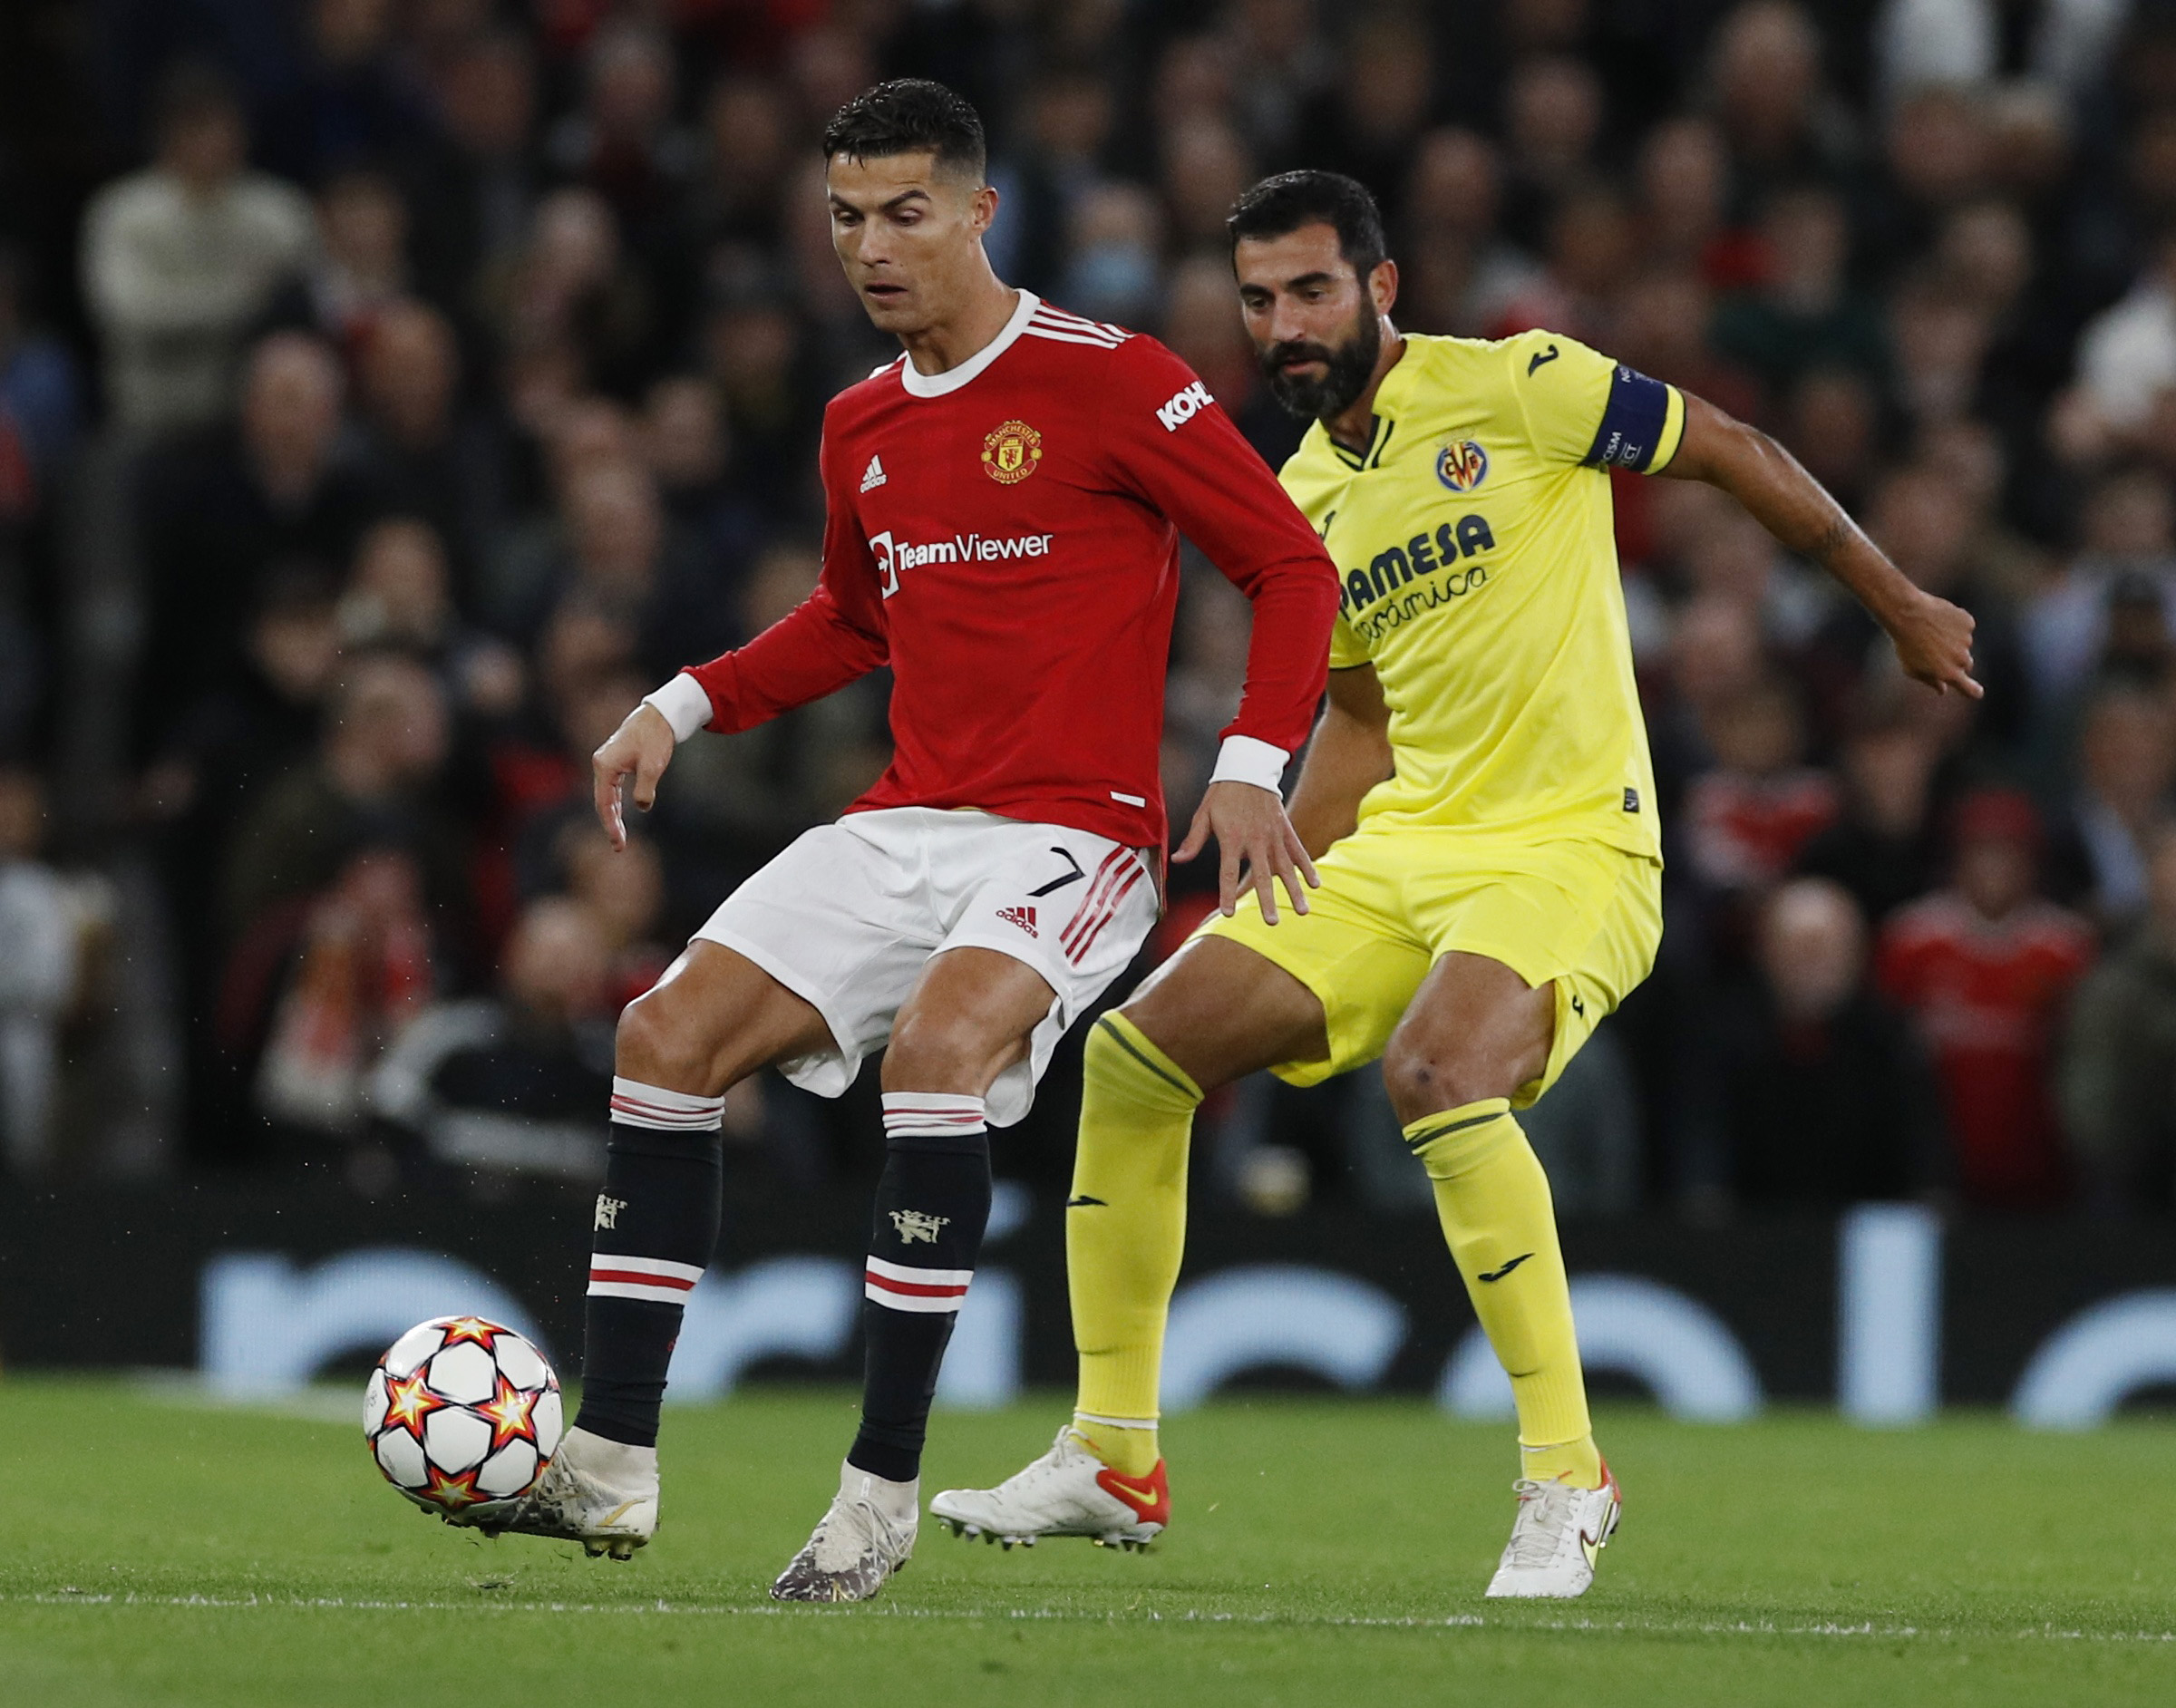 Champions League, Μάντσεστερ Γιουνάιτεντ – Βιγιαρεάλ 2-1: «Λυτρωτής» ο Κριστιάνο Ρονάλντο σε ιστορική βραδιά με γκολ στο 90+5′